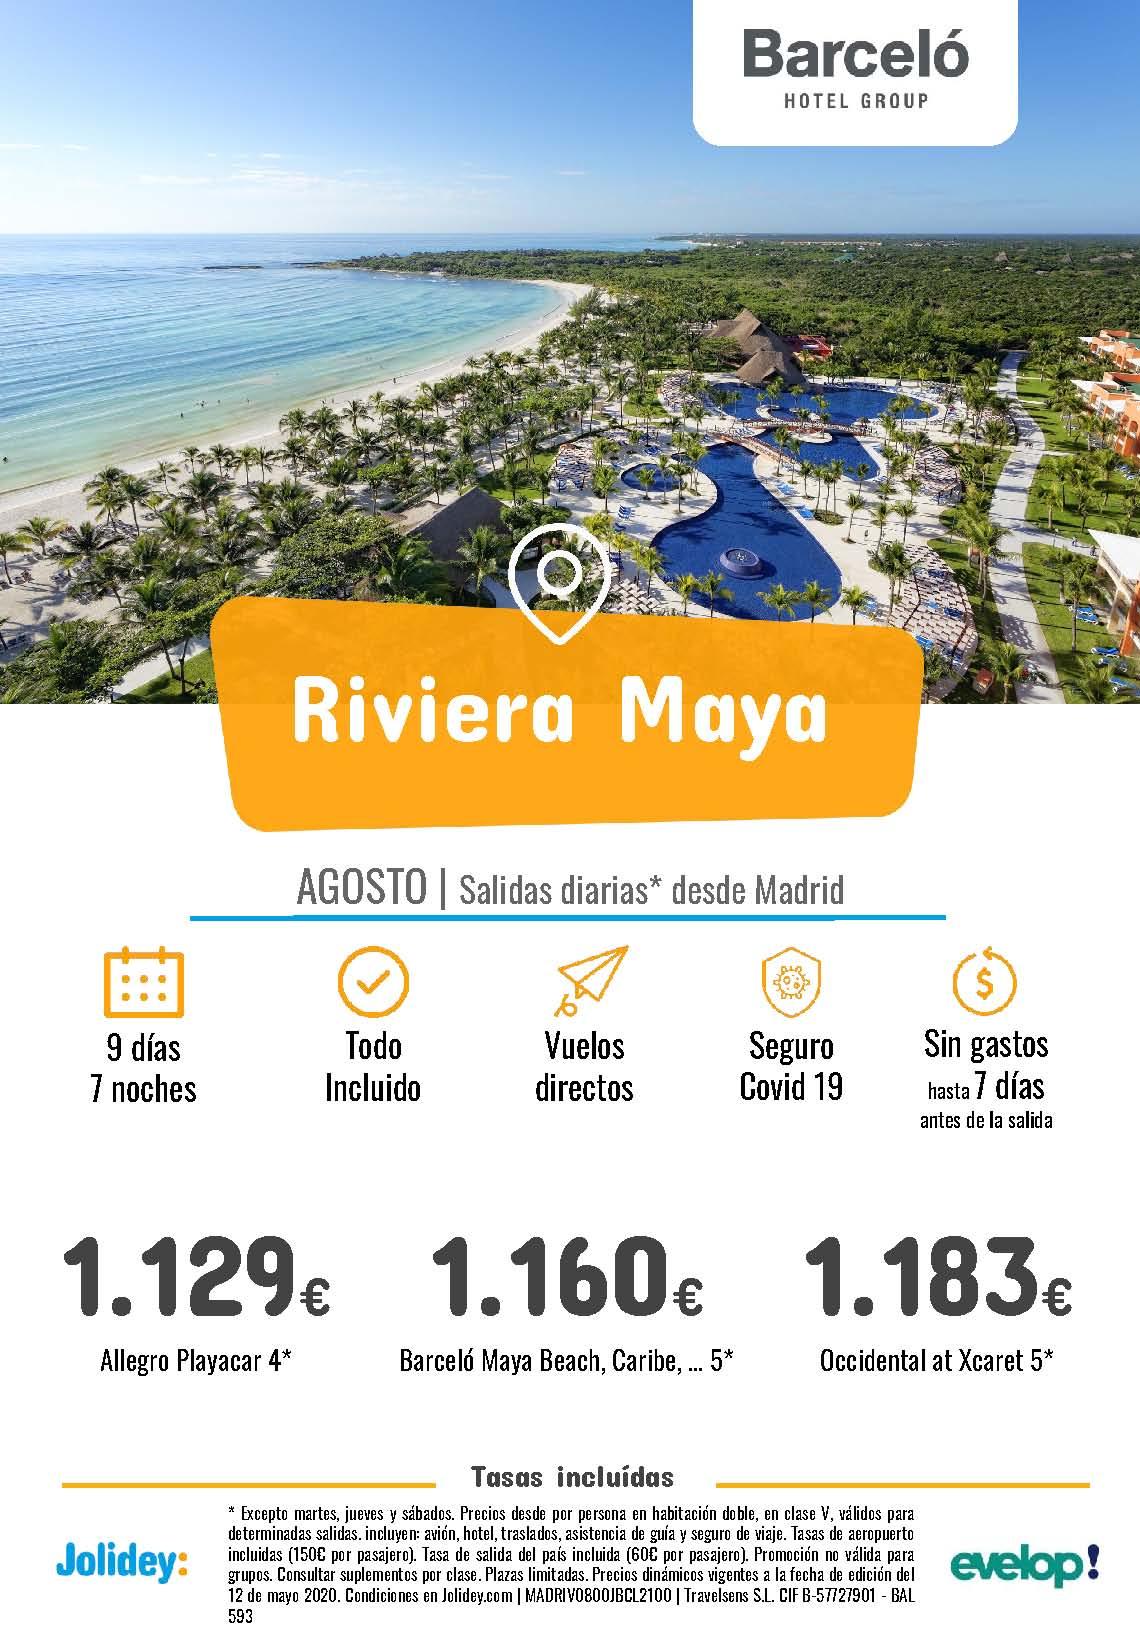 Ofertas Jolidey Riviera Maya en Hoteles Barcelo Agosto 2021 vuelo directo desde Madrid